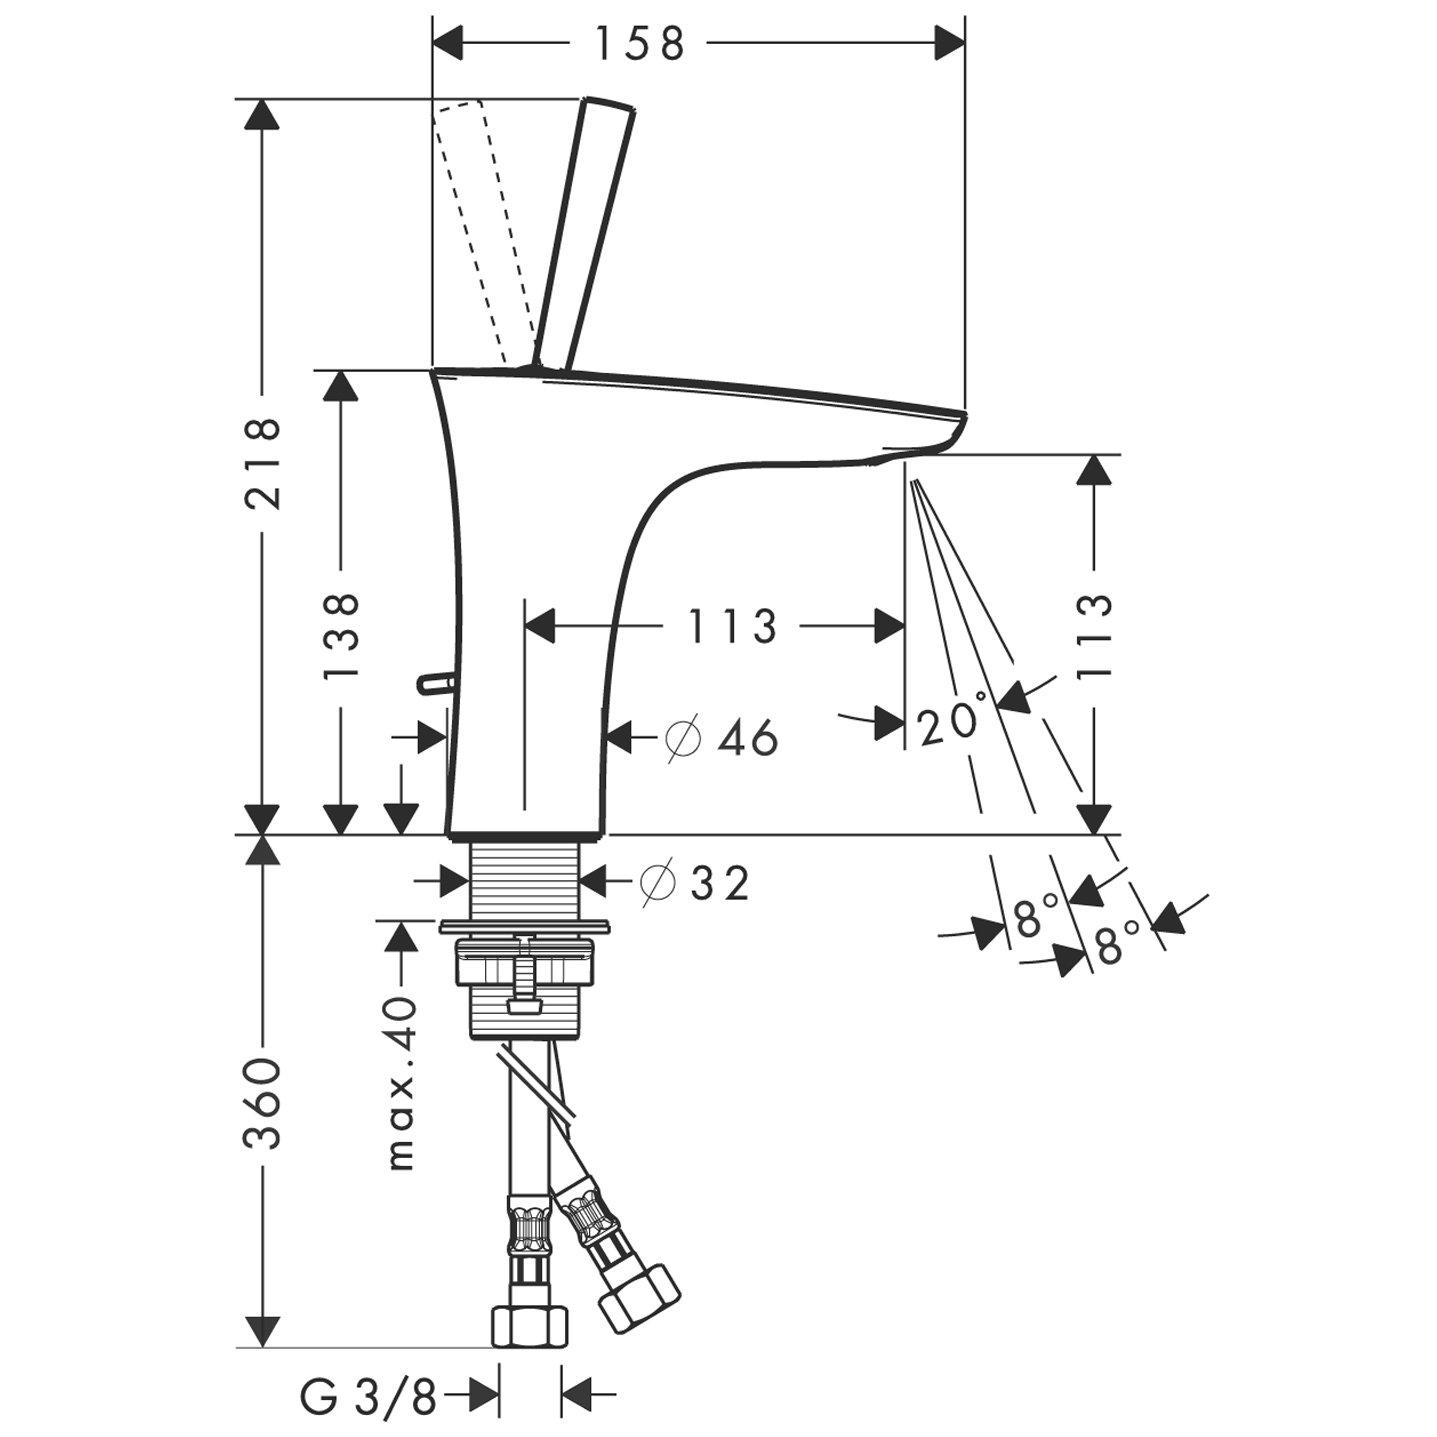 Hansgrohe Mitigeur 15074400 de Lavabo de Salle de Bain Design PuraVida 110 Poign/ée Joystick avec Garniture de Vidage Tirette et Mousseur Orientable Blanc//Chrome